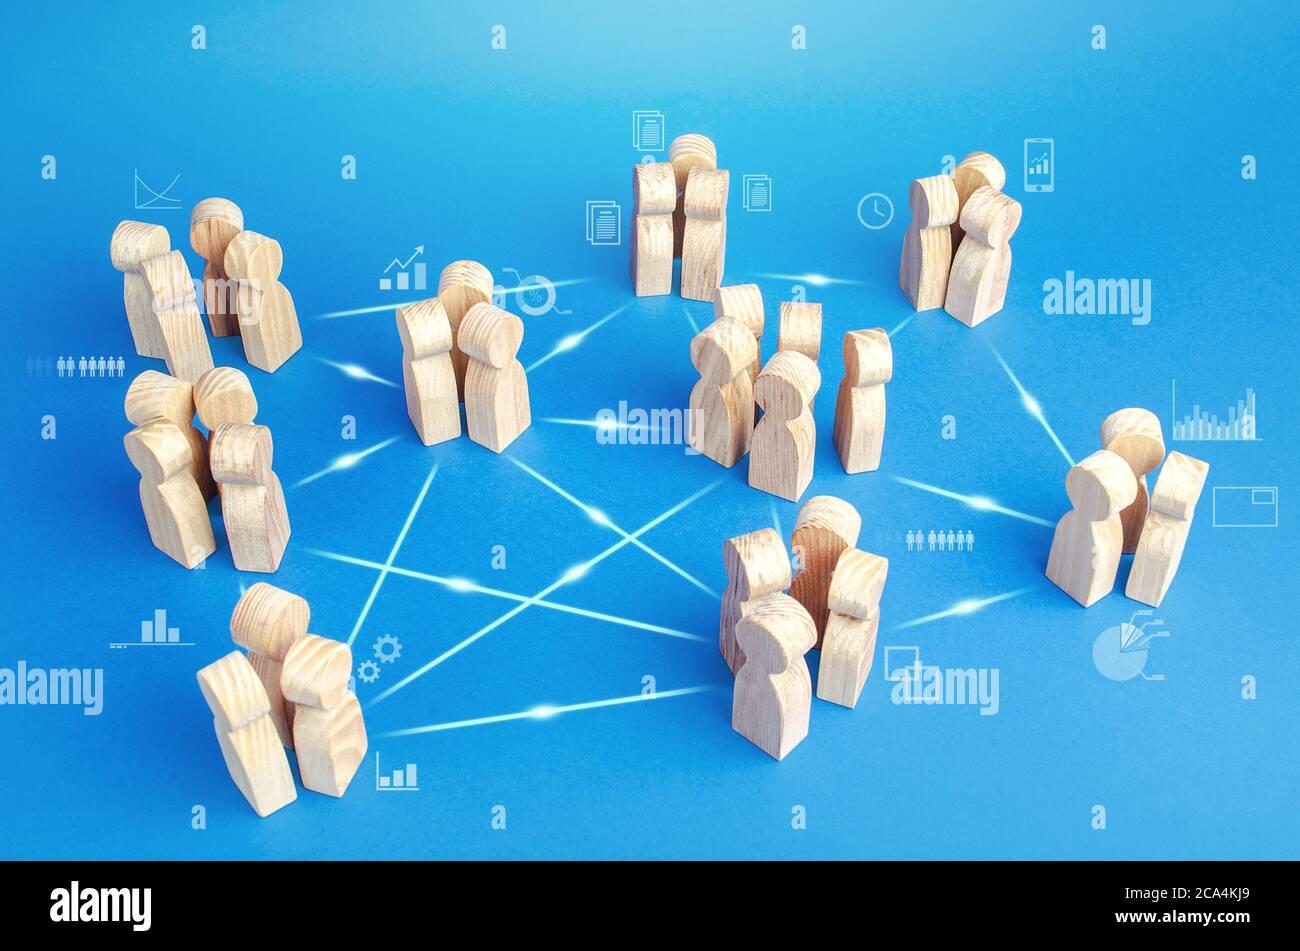 Muchos equipos relacionados en la empresa hacen el trabajo en cooperación. Coordinación e intercambio de conocimientos. Modelo de negocio de los grupos autónomos sin m medio Foto de stock